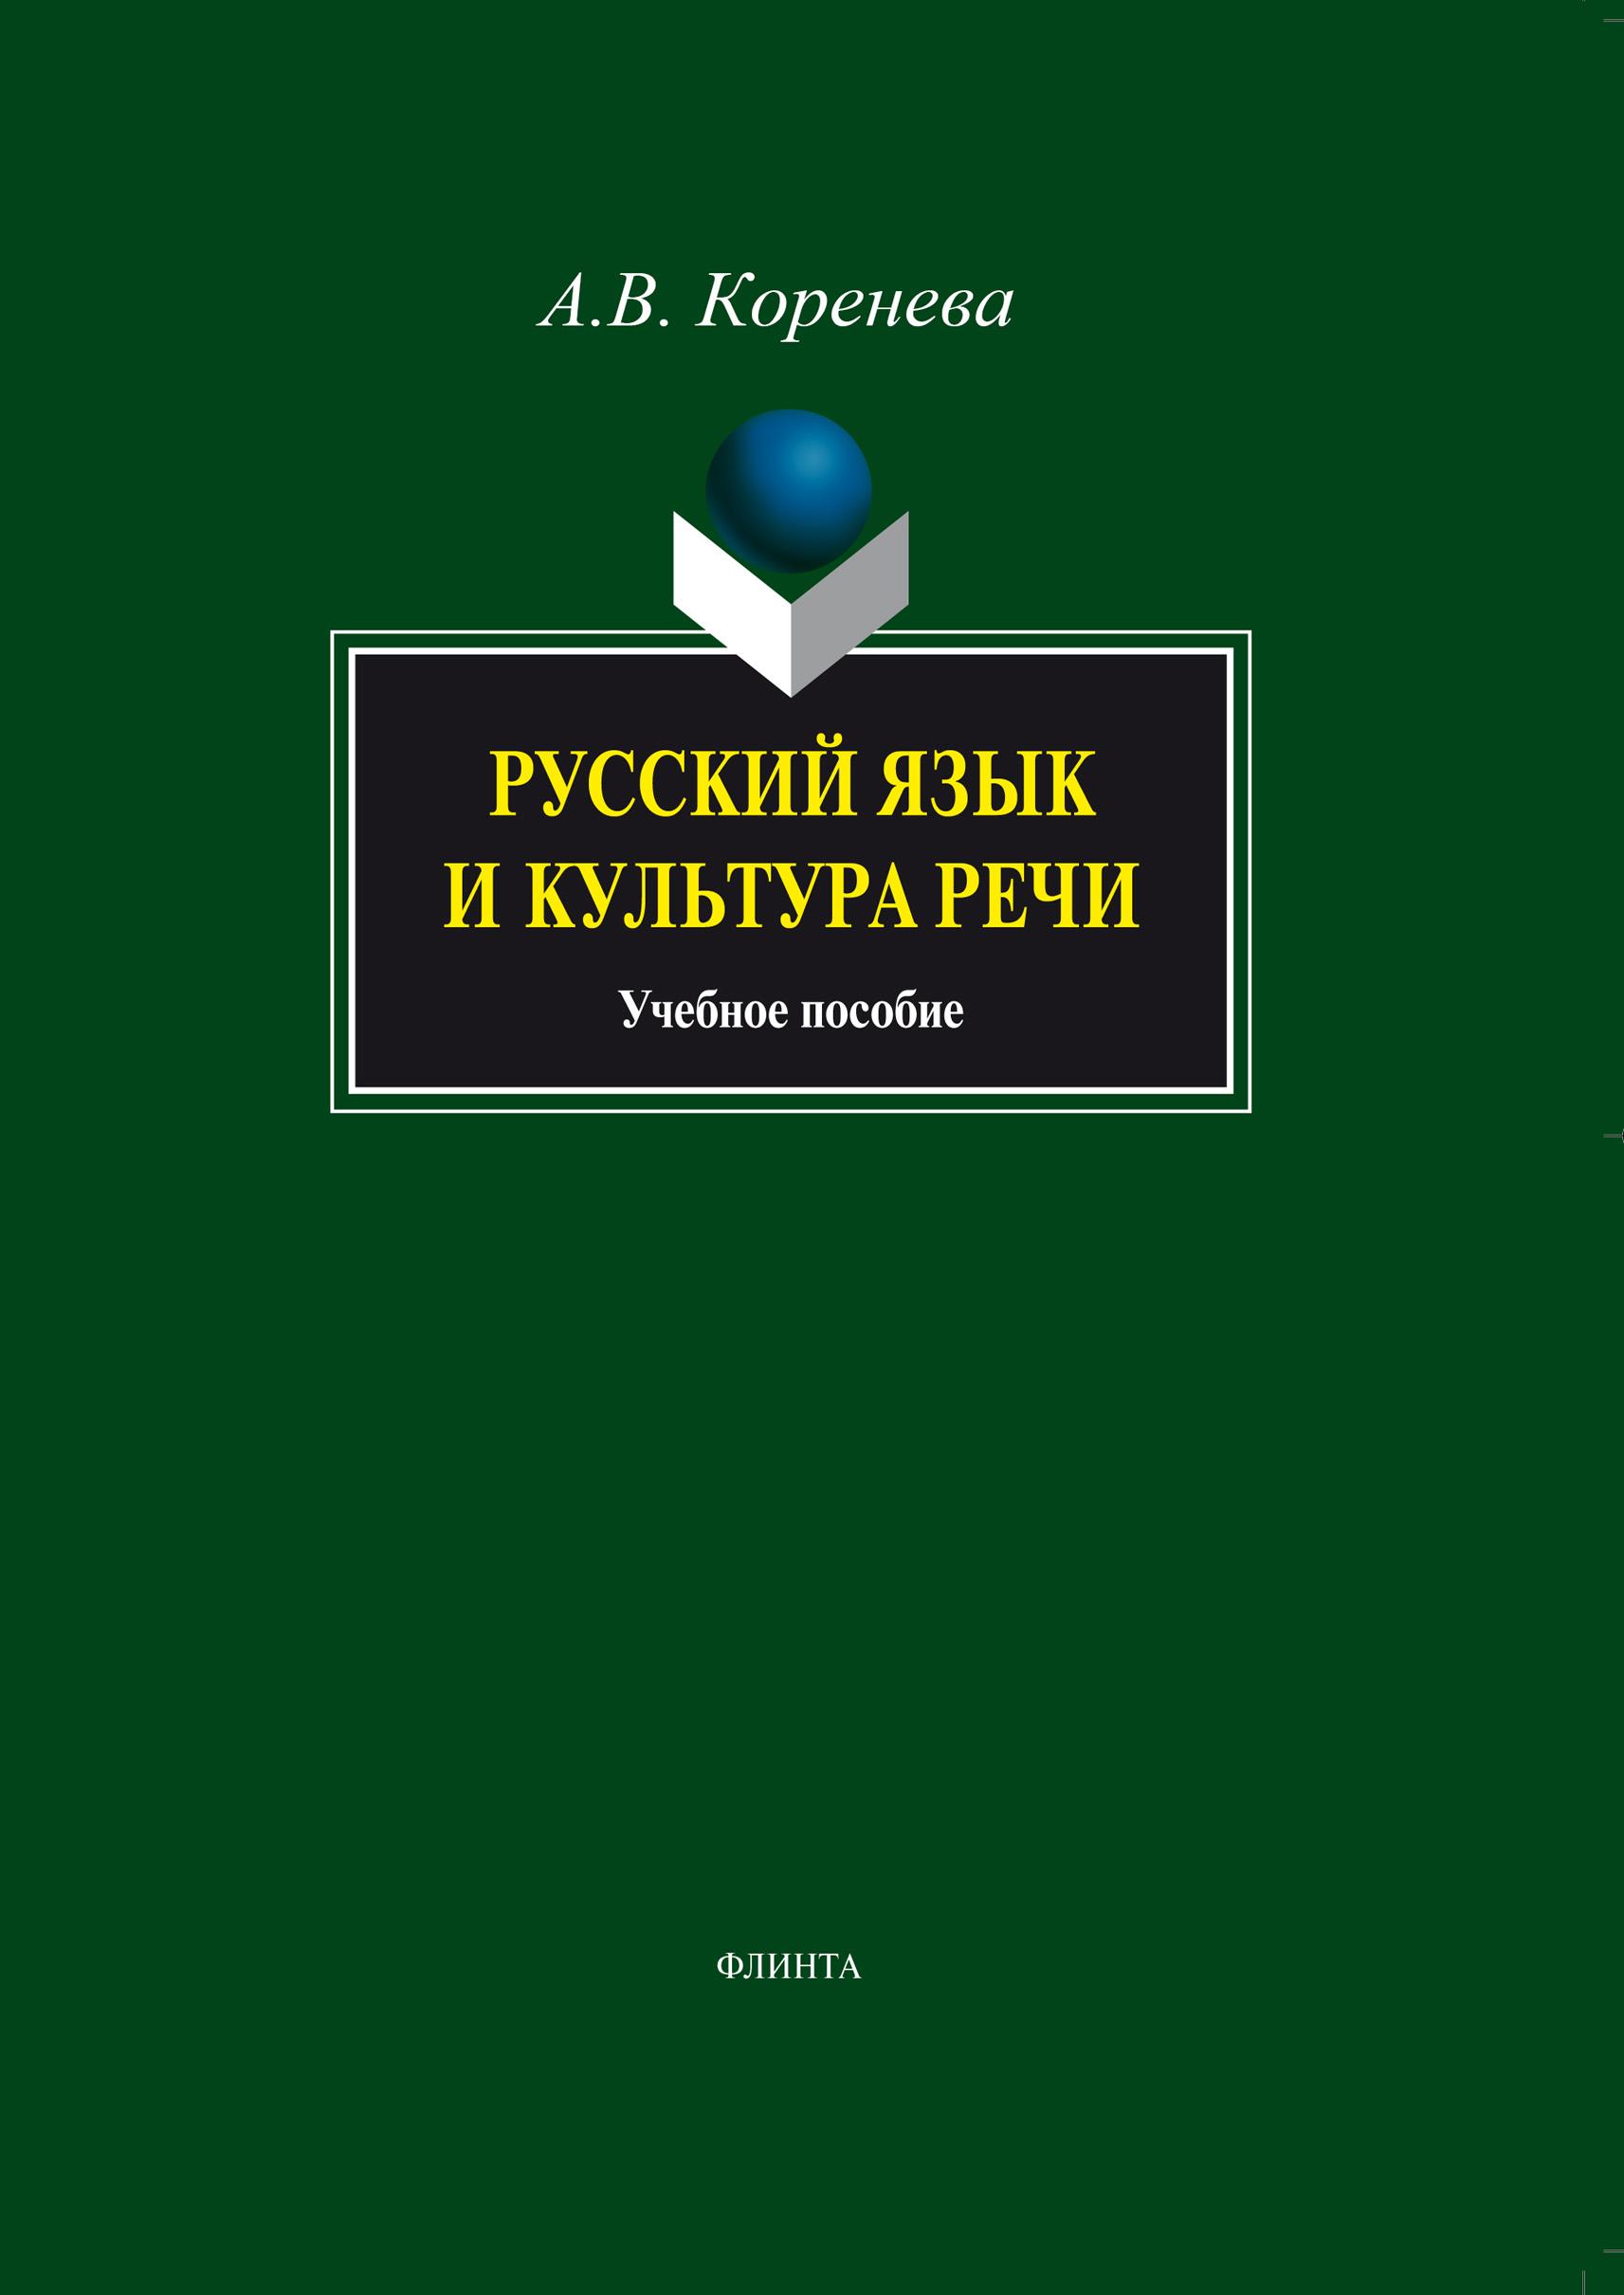 А. В. Коренева Русский язык и культура речи. Учебное пособие